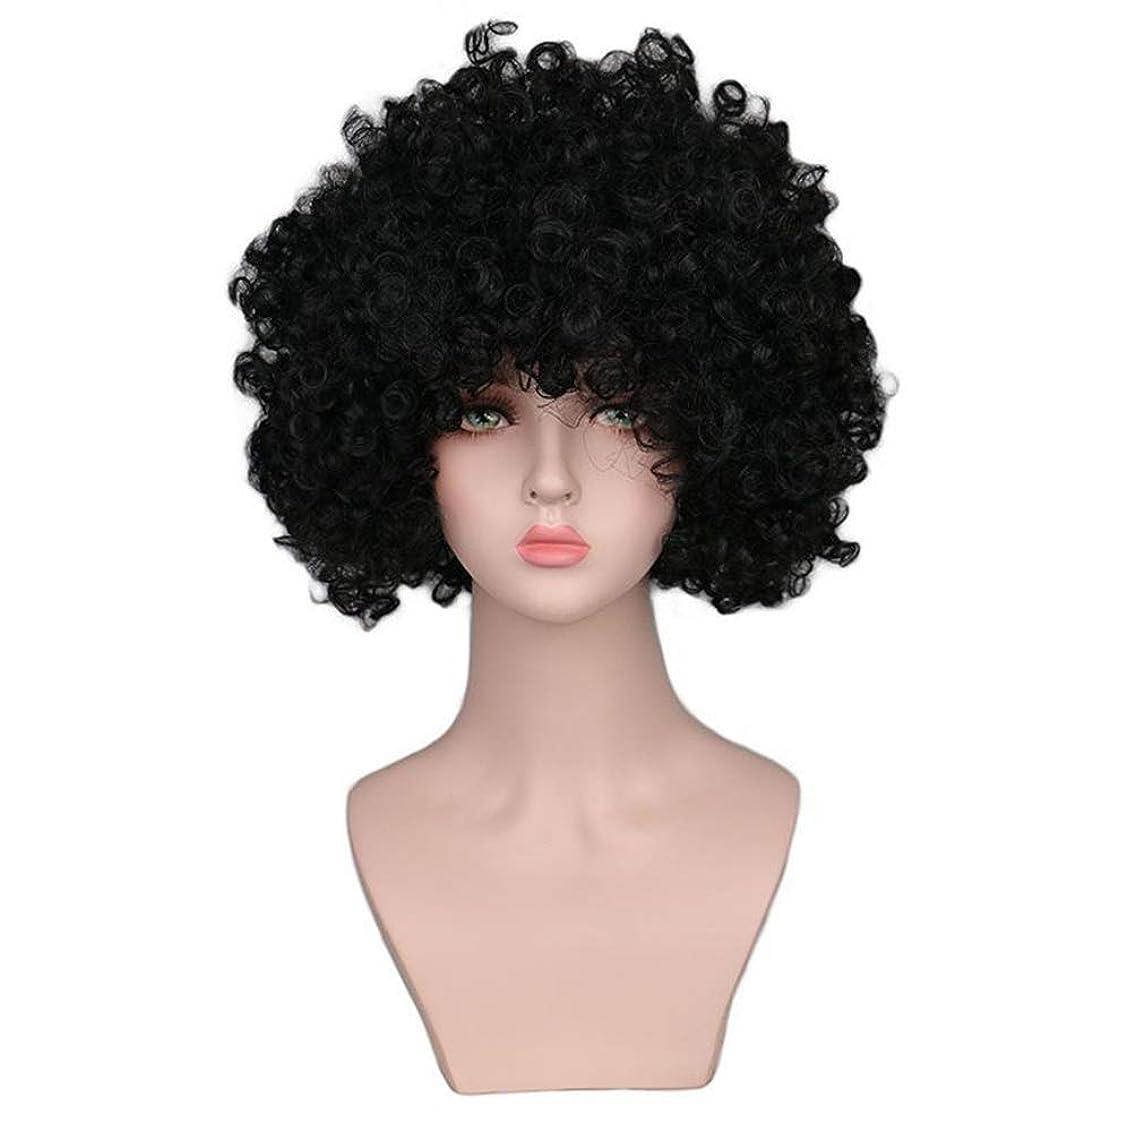 電気的塩ようこそかつら女性150%密度爆発耐熱合成小体積爆発ヘッドショートヘアブラックローズヘアネット